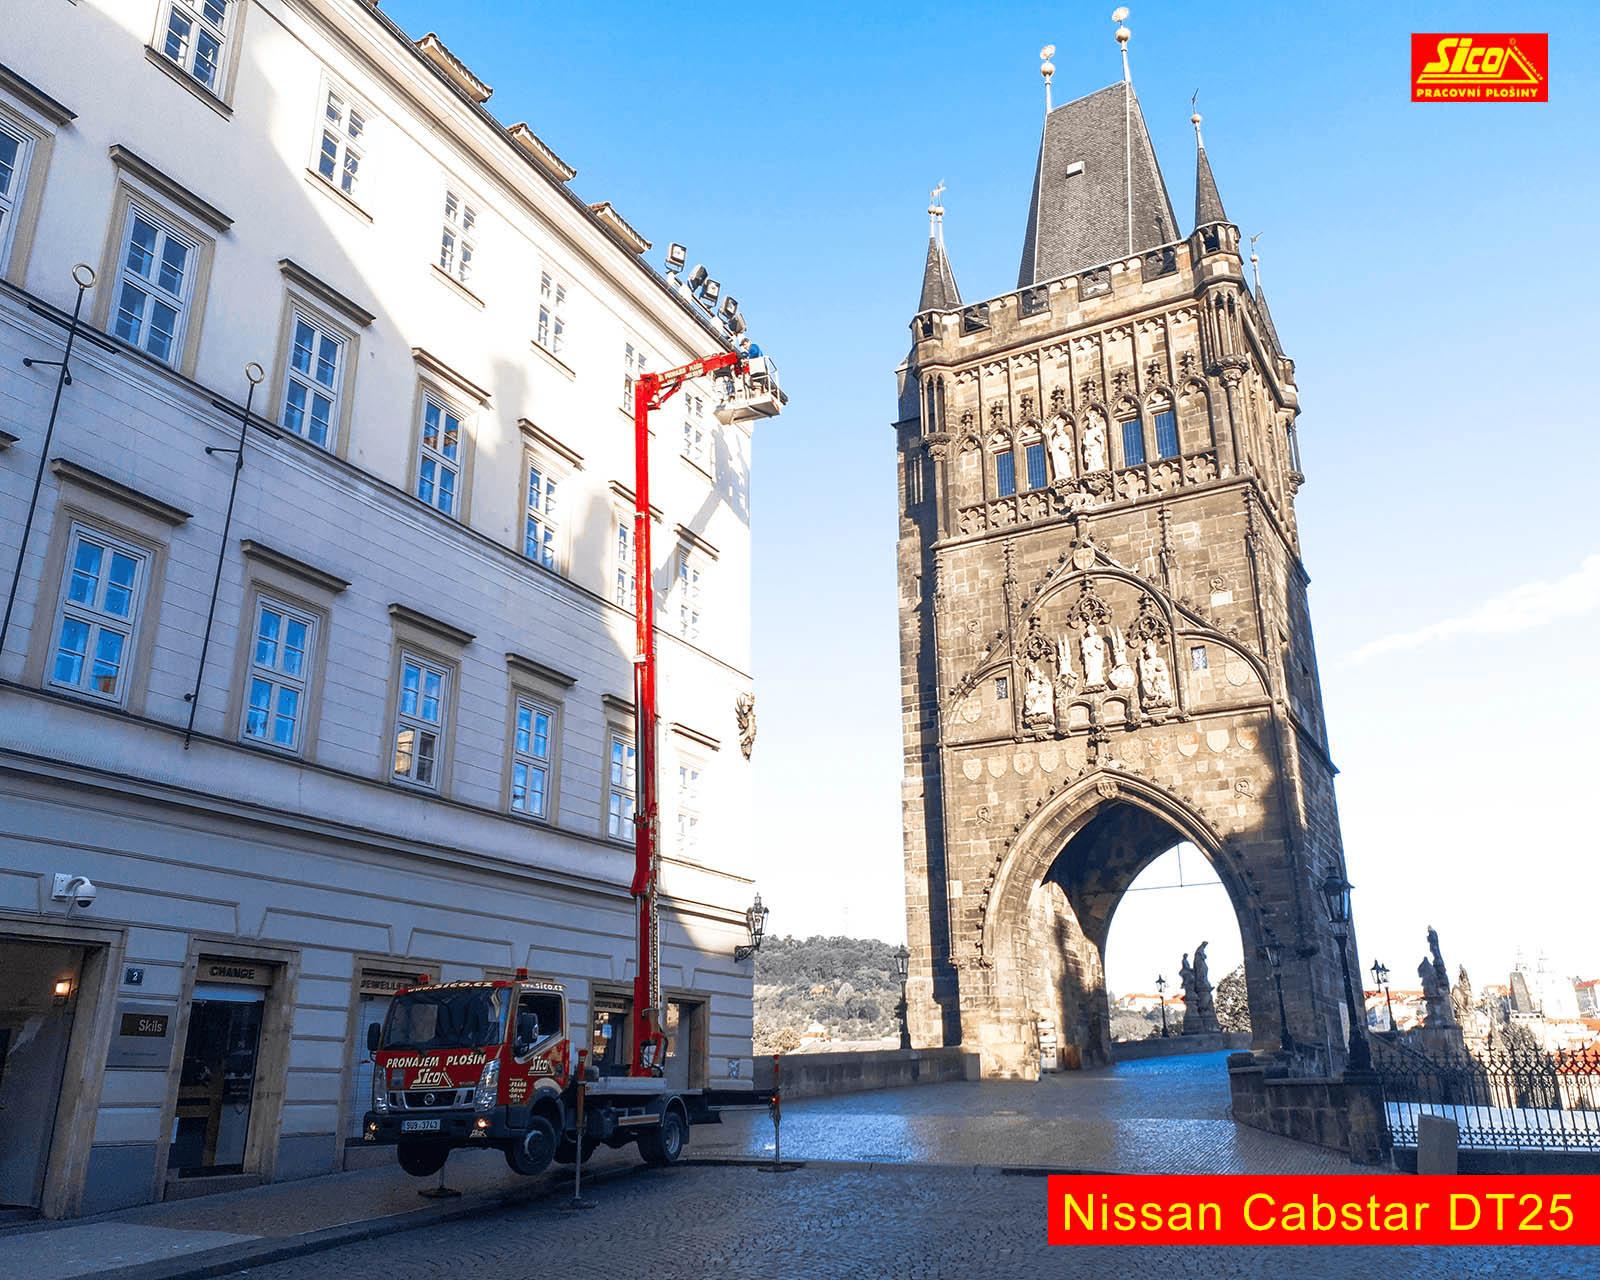 Čištění fasád s Nissan Cabstar DT25